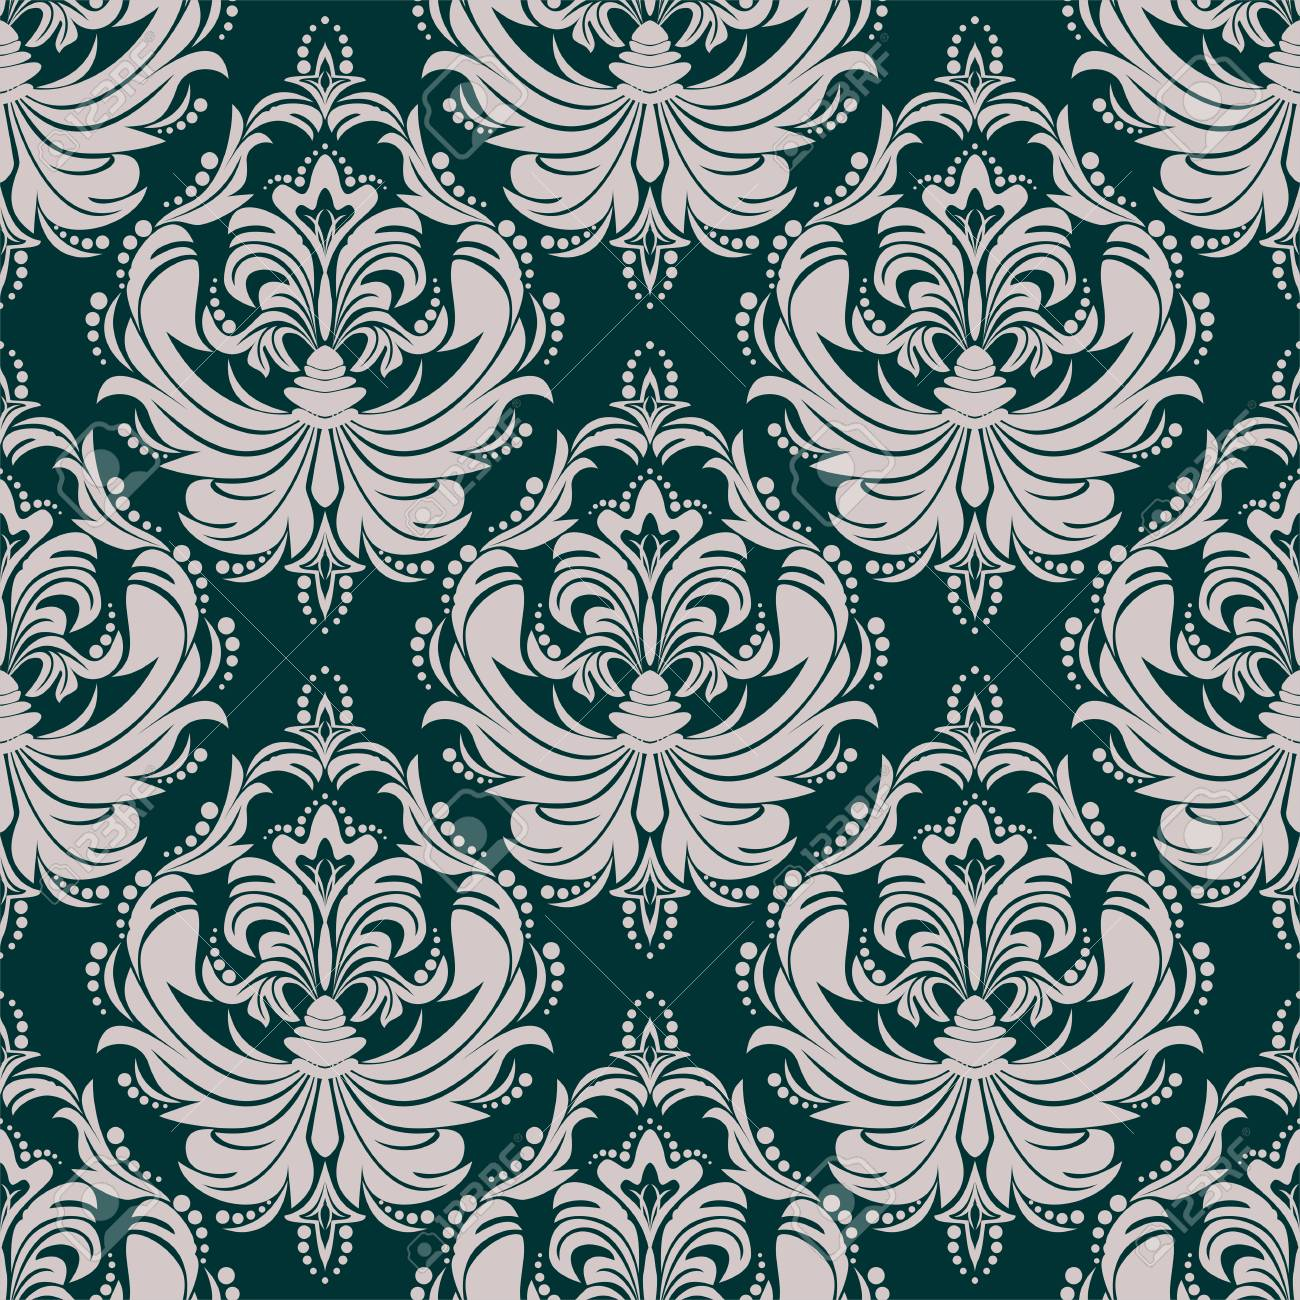 Ornamental damask seamless Wallpaper for Design - 97509764